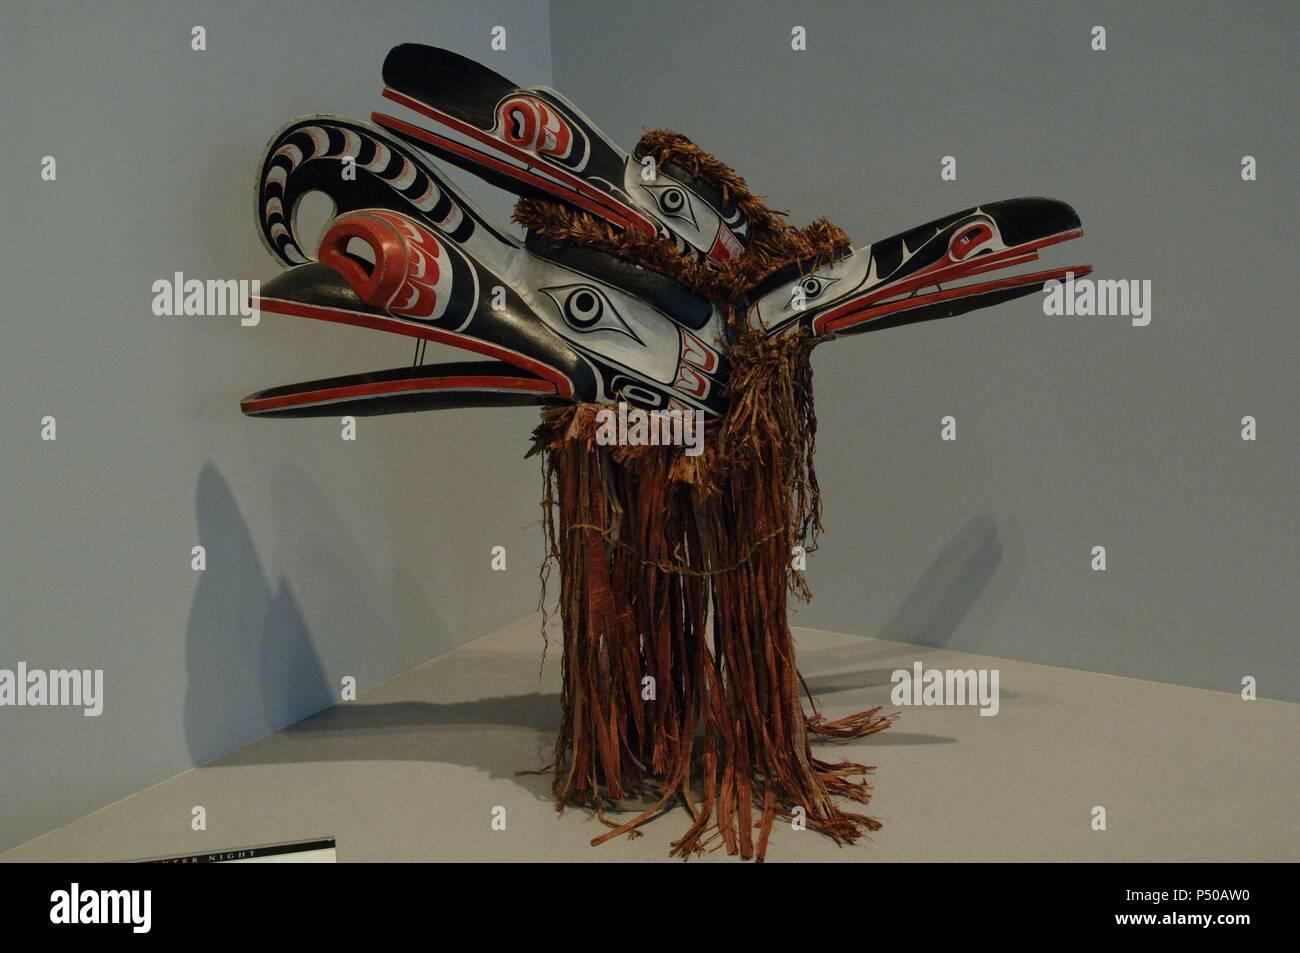 ARTE etnico. CULTURA KWAKWAKA'WAKW. SIGLO XX GEORGE WALKUS (h. 1890-1950). MASCARA DE CUATRO CARAS HAMAT'Sa (h. 1938). Madera pintada. Utilizada en la ceremonia de Hamat'sa. Museo de Arte de Denver. El estado de Colorado. Estados Unidos. Imagen De Stock